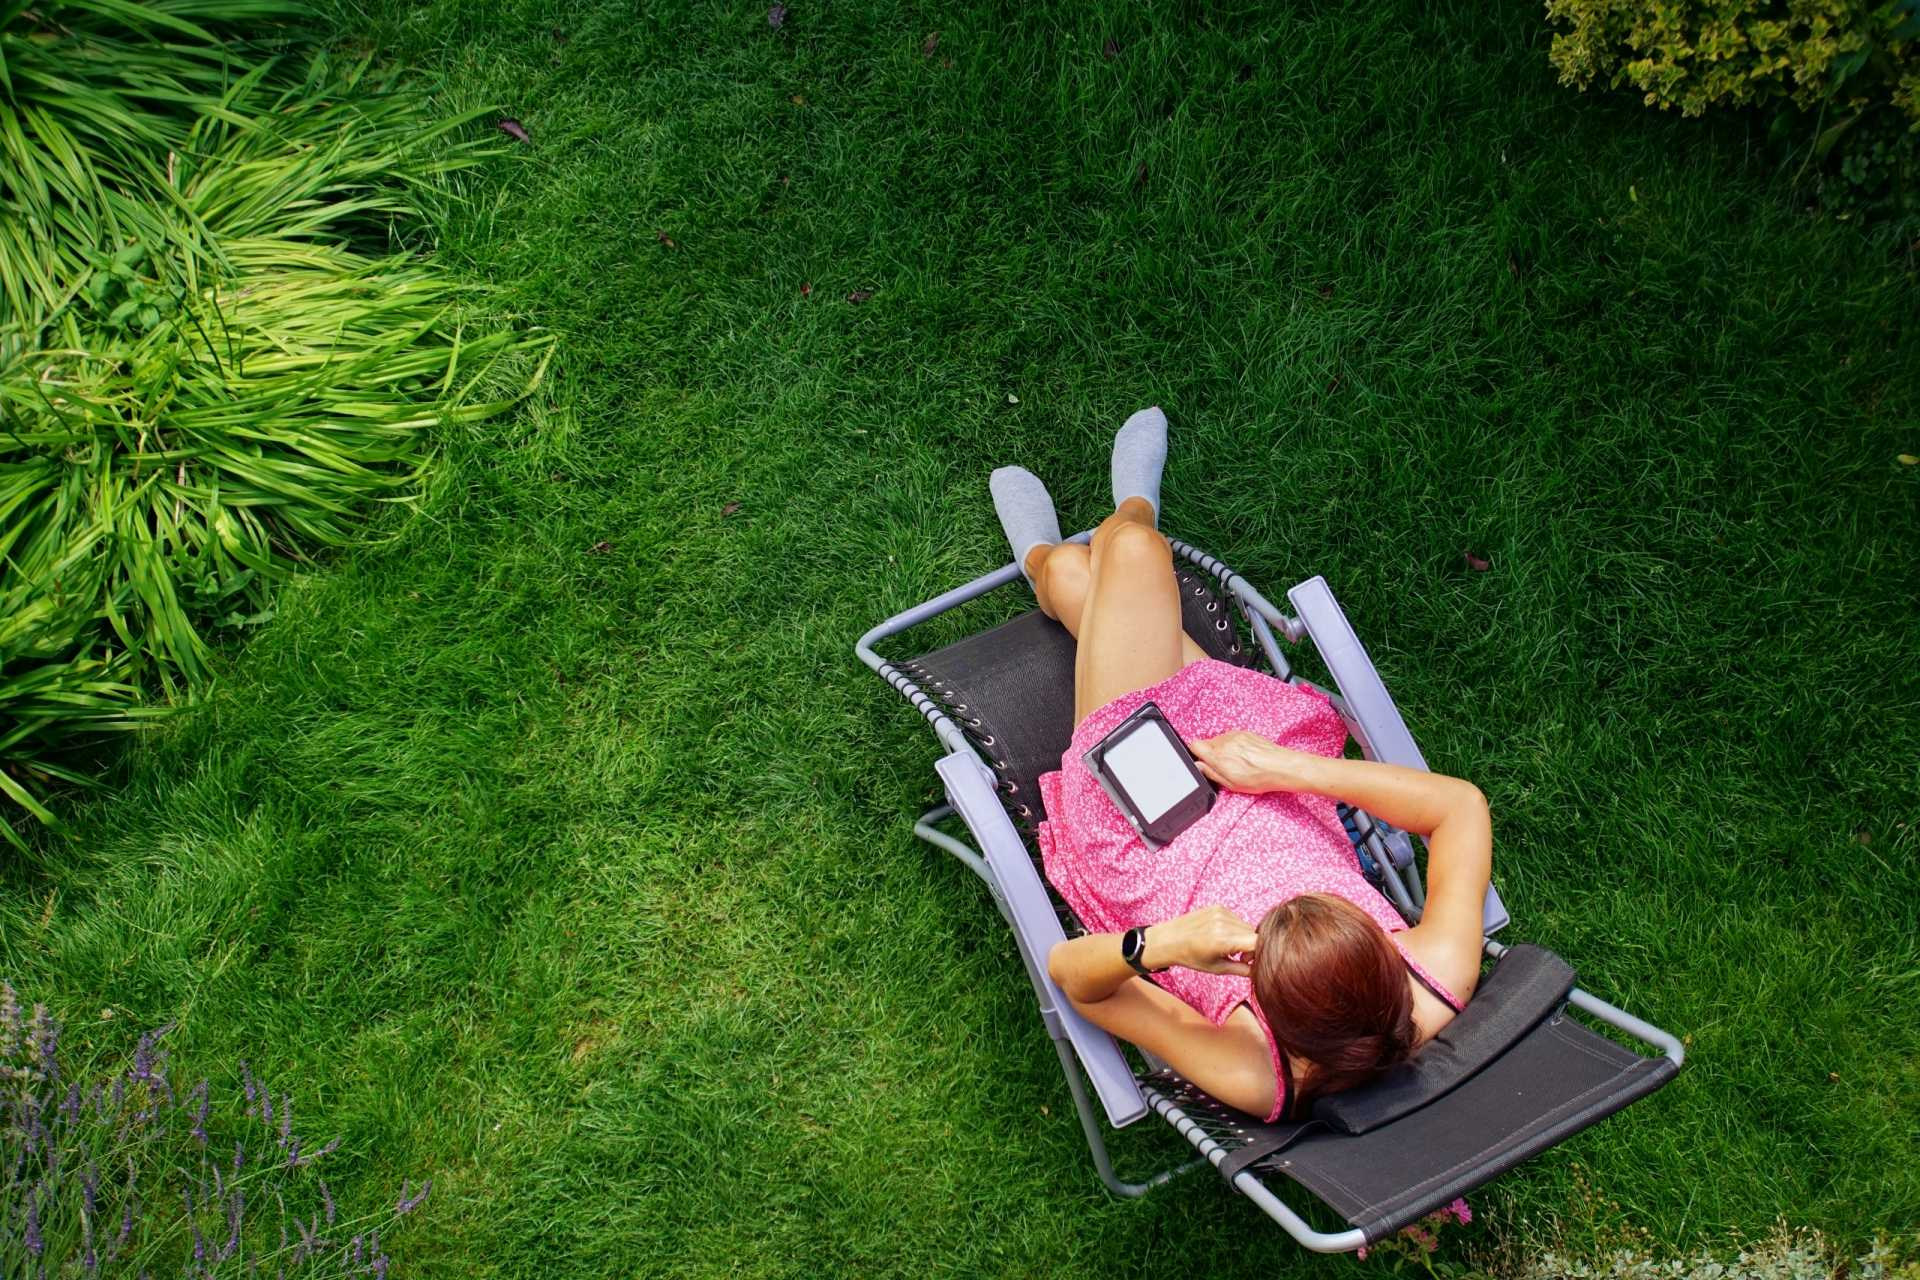 Liegestuhl im Garten: Die 4 besten Modelle zum Relaxen